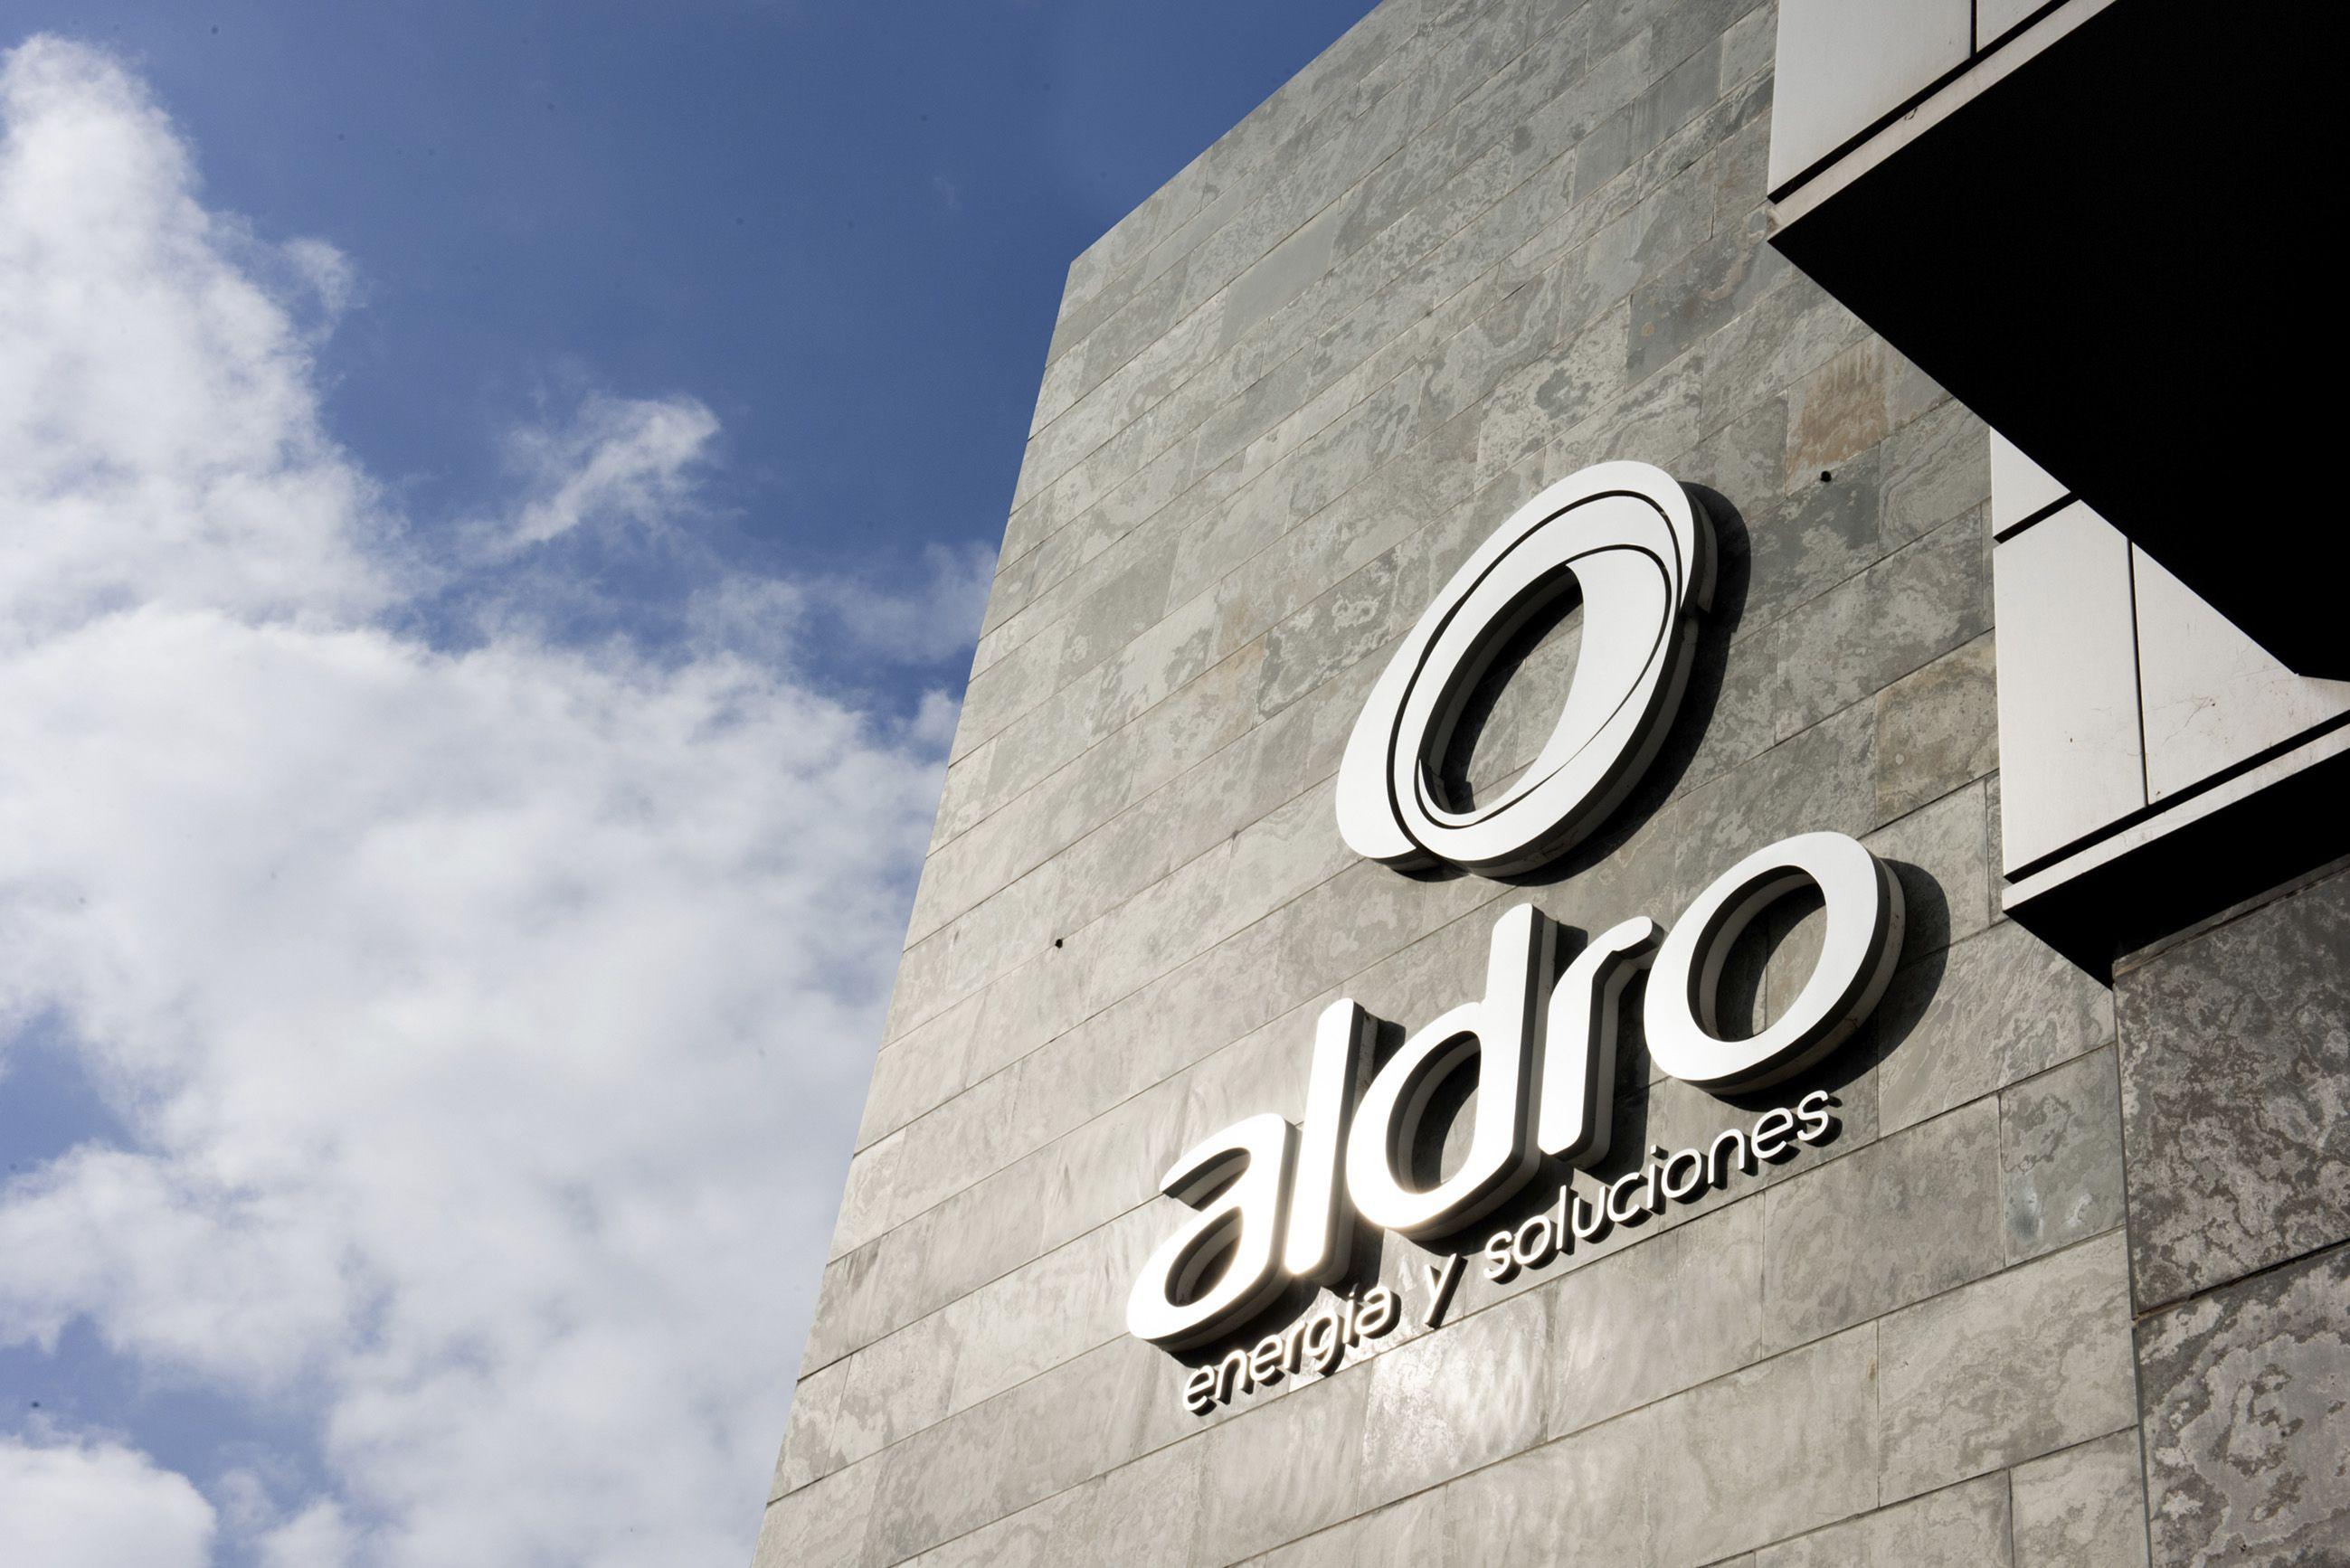 Las pequeñas comercializadoras como Aldro van ganando terreno en el mercado energético